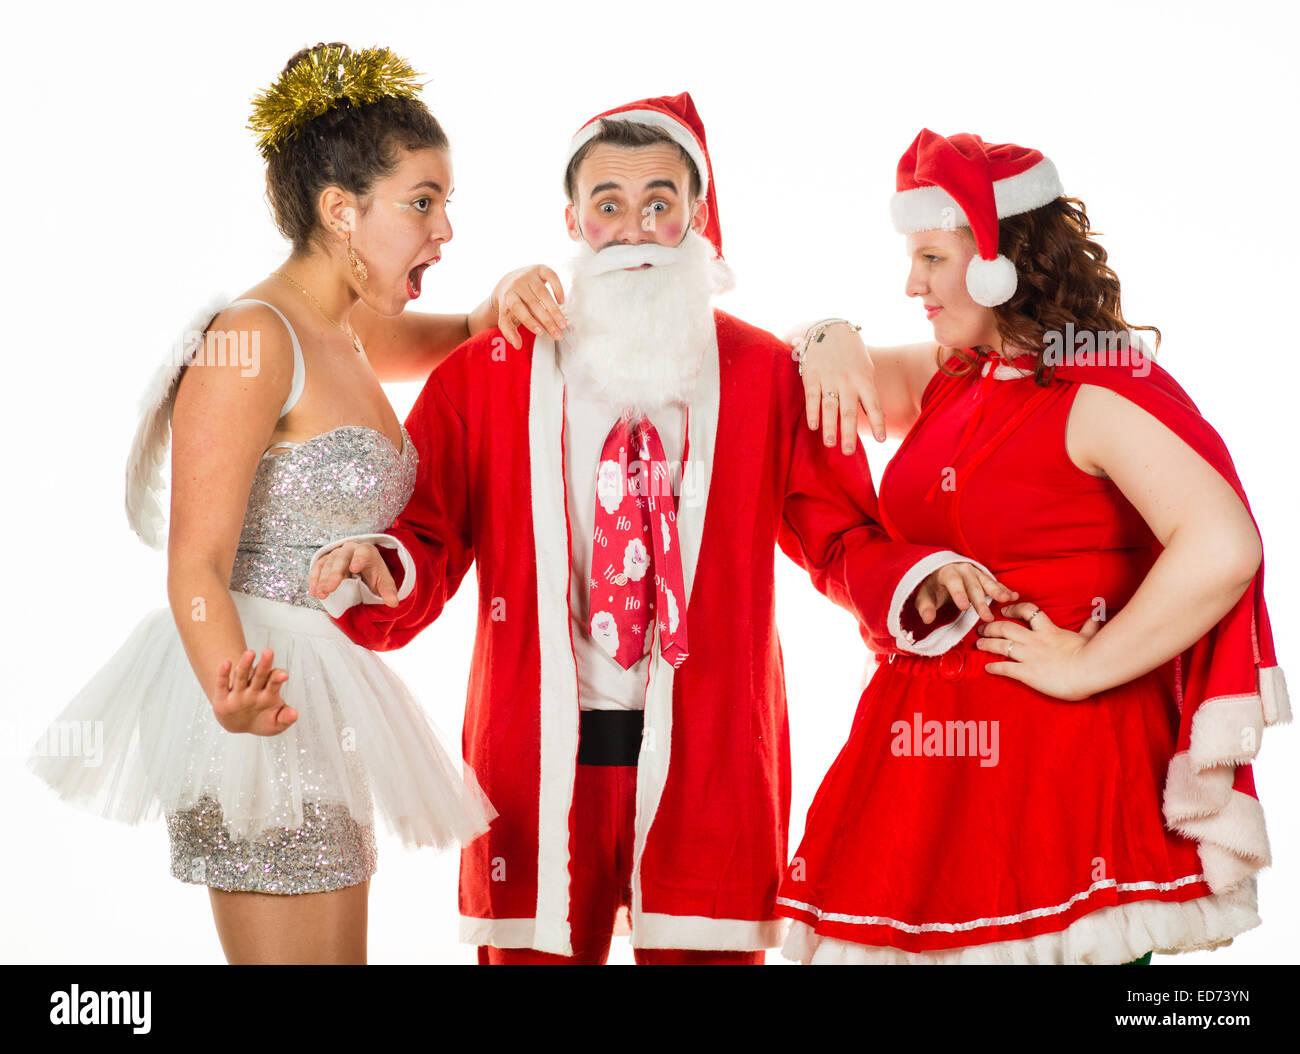 Engel Fee, Santa Claus und Frau Claus: drei junge Menschen, zwei ...